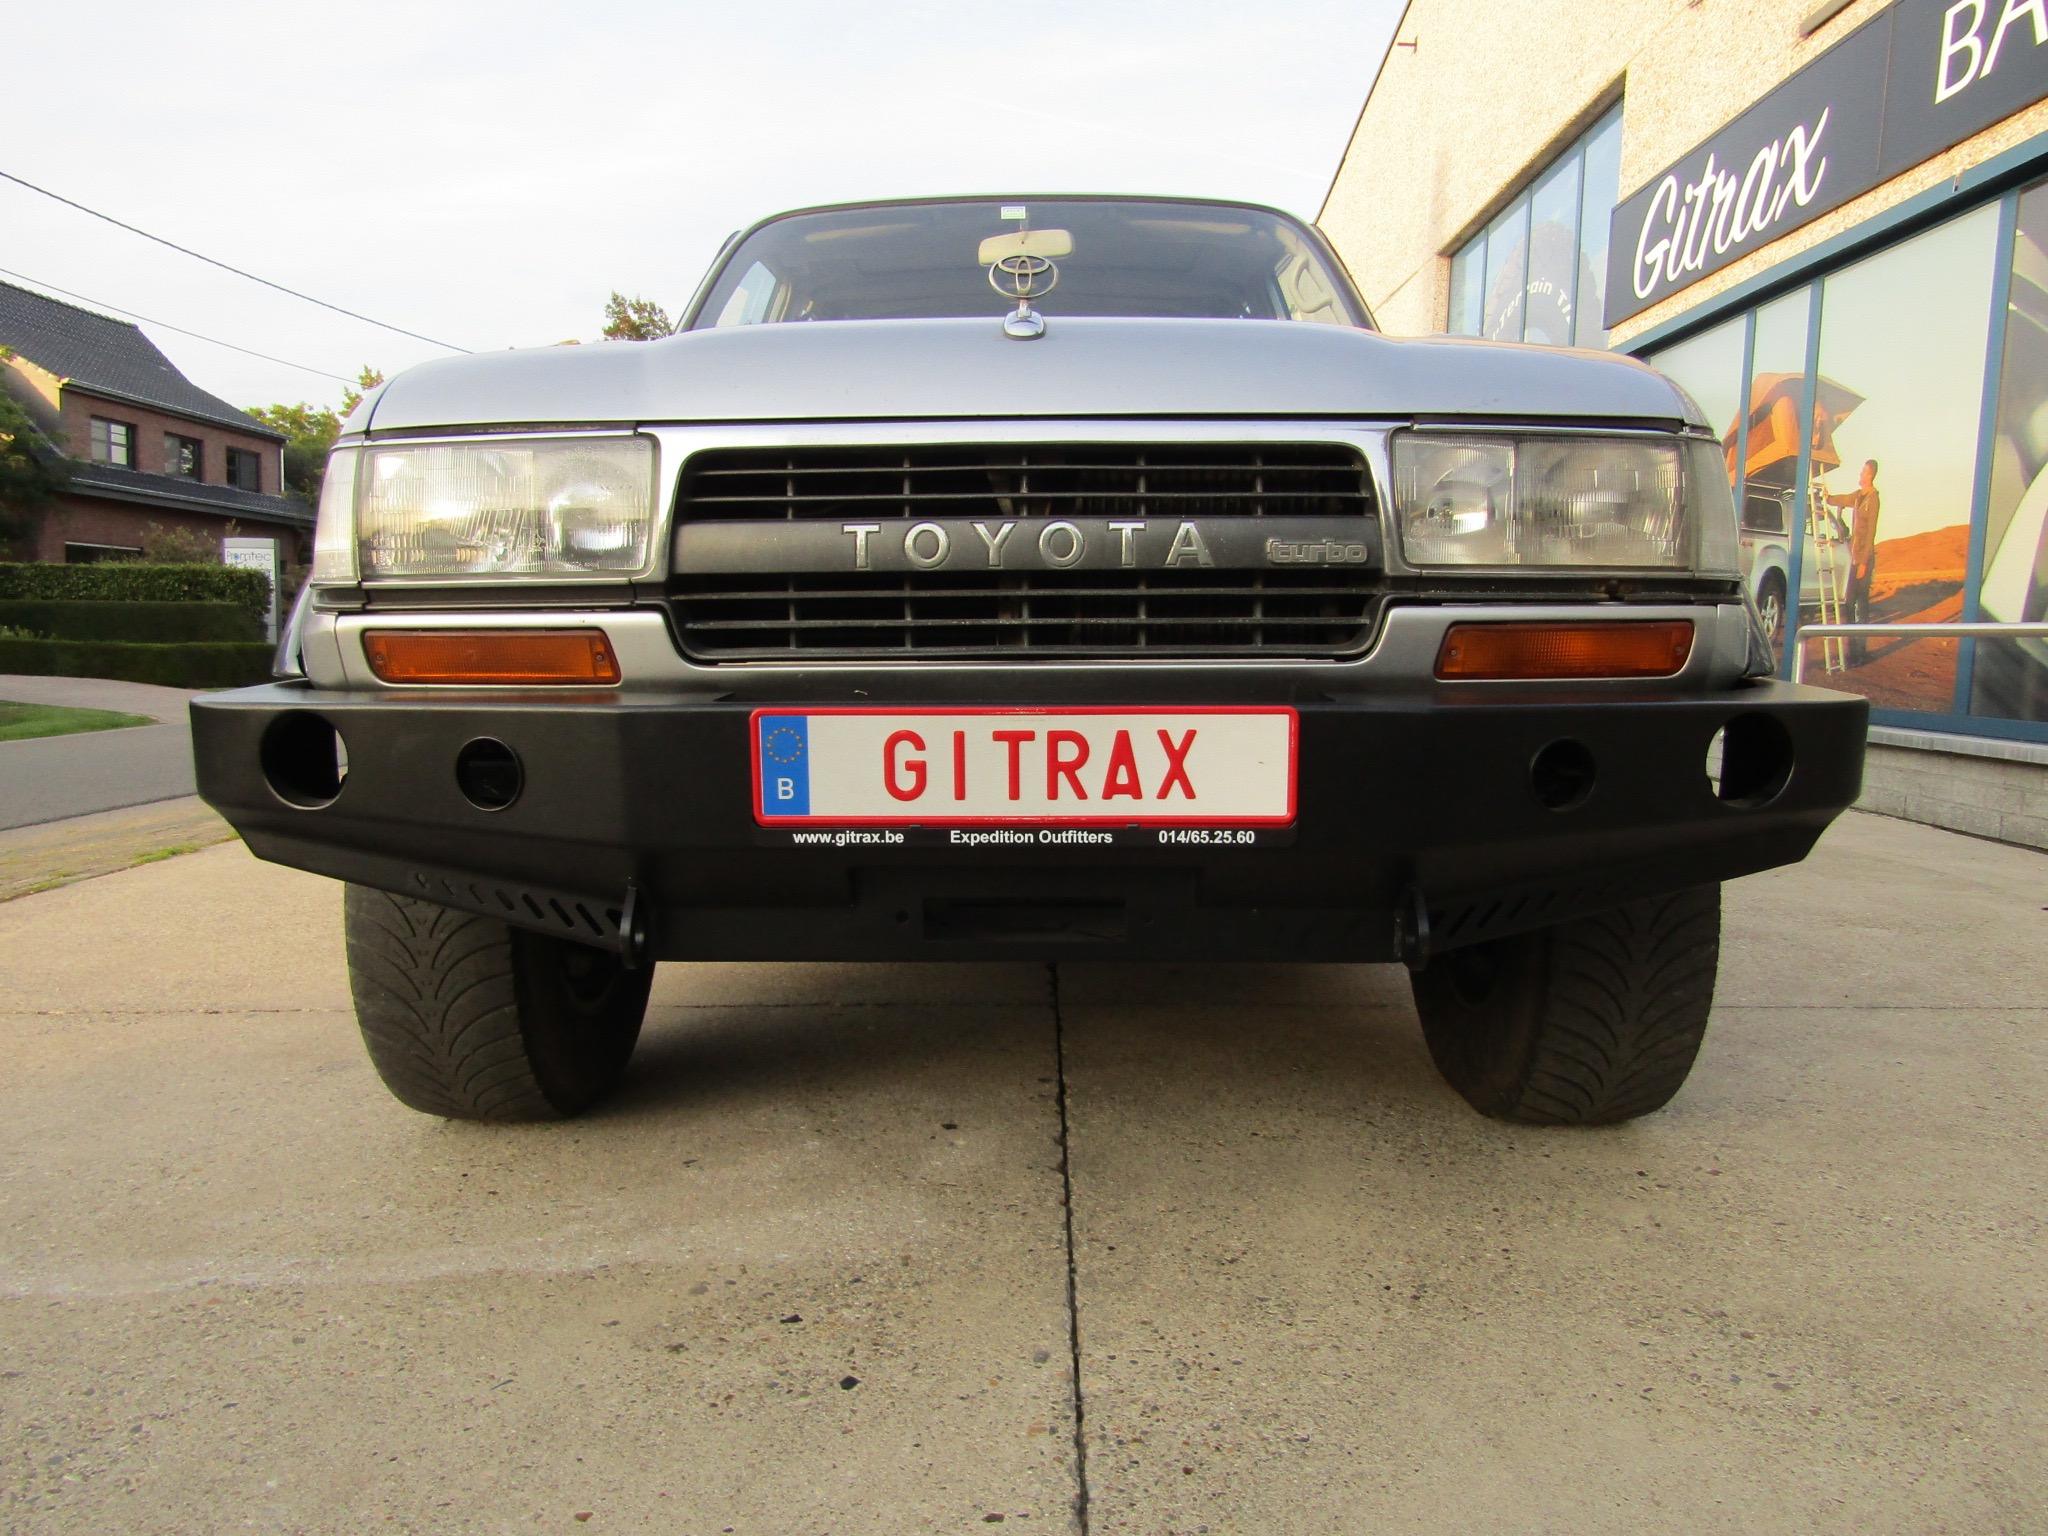 Toyota HDJ Gitrax